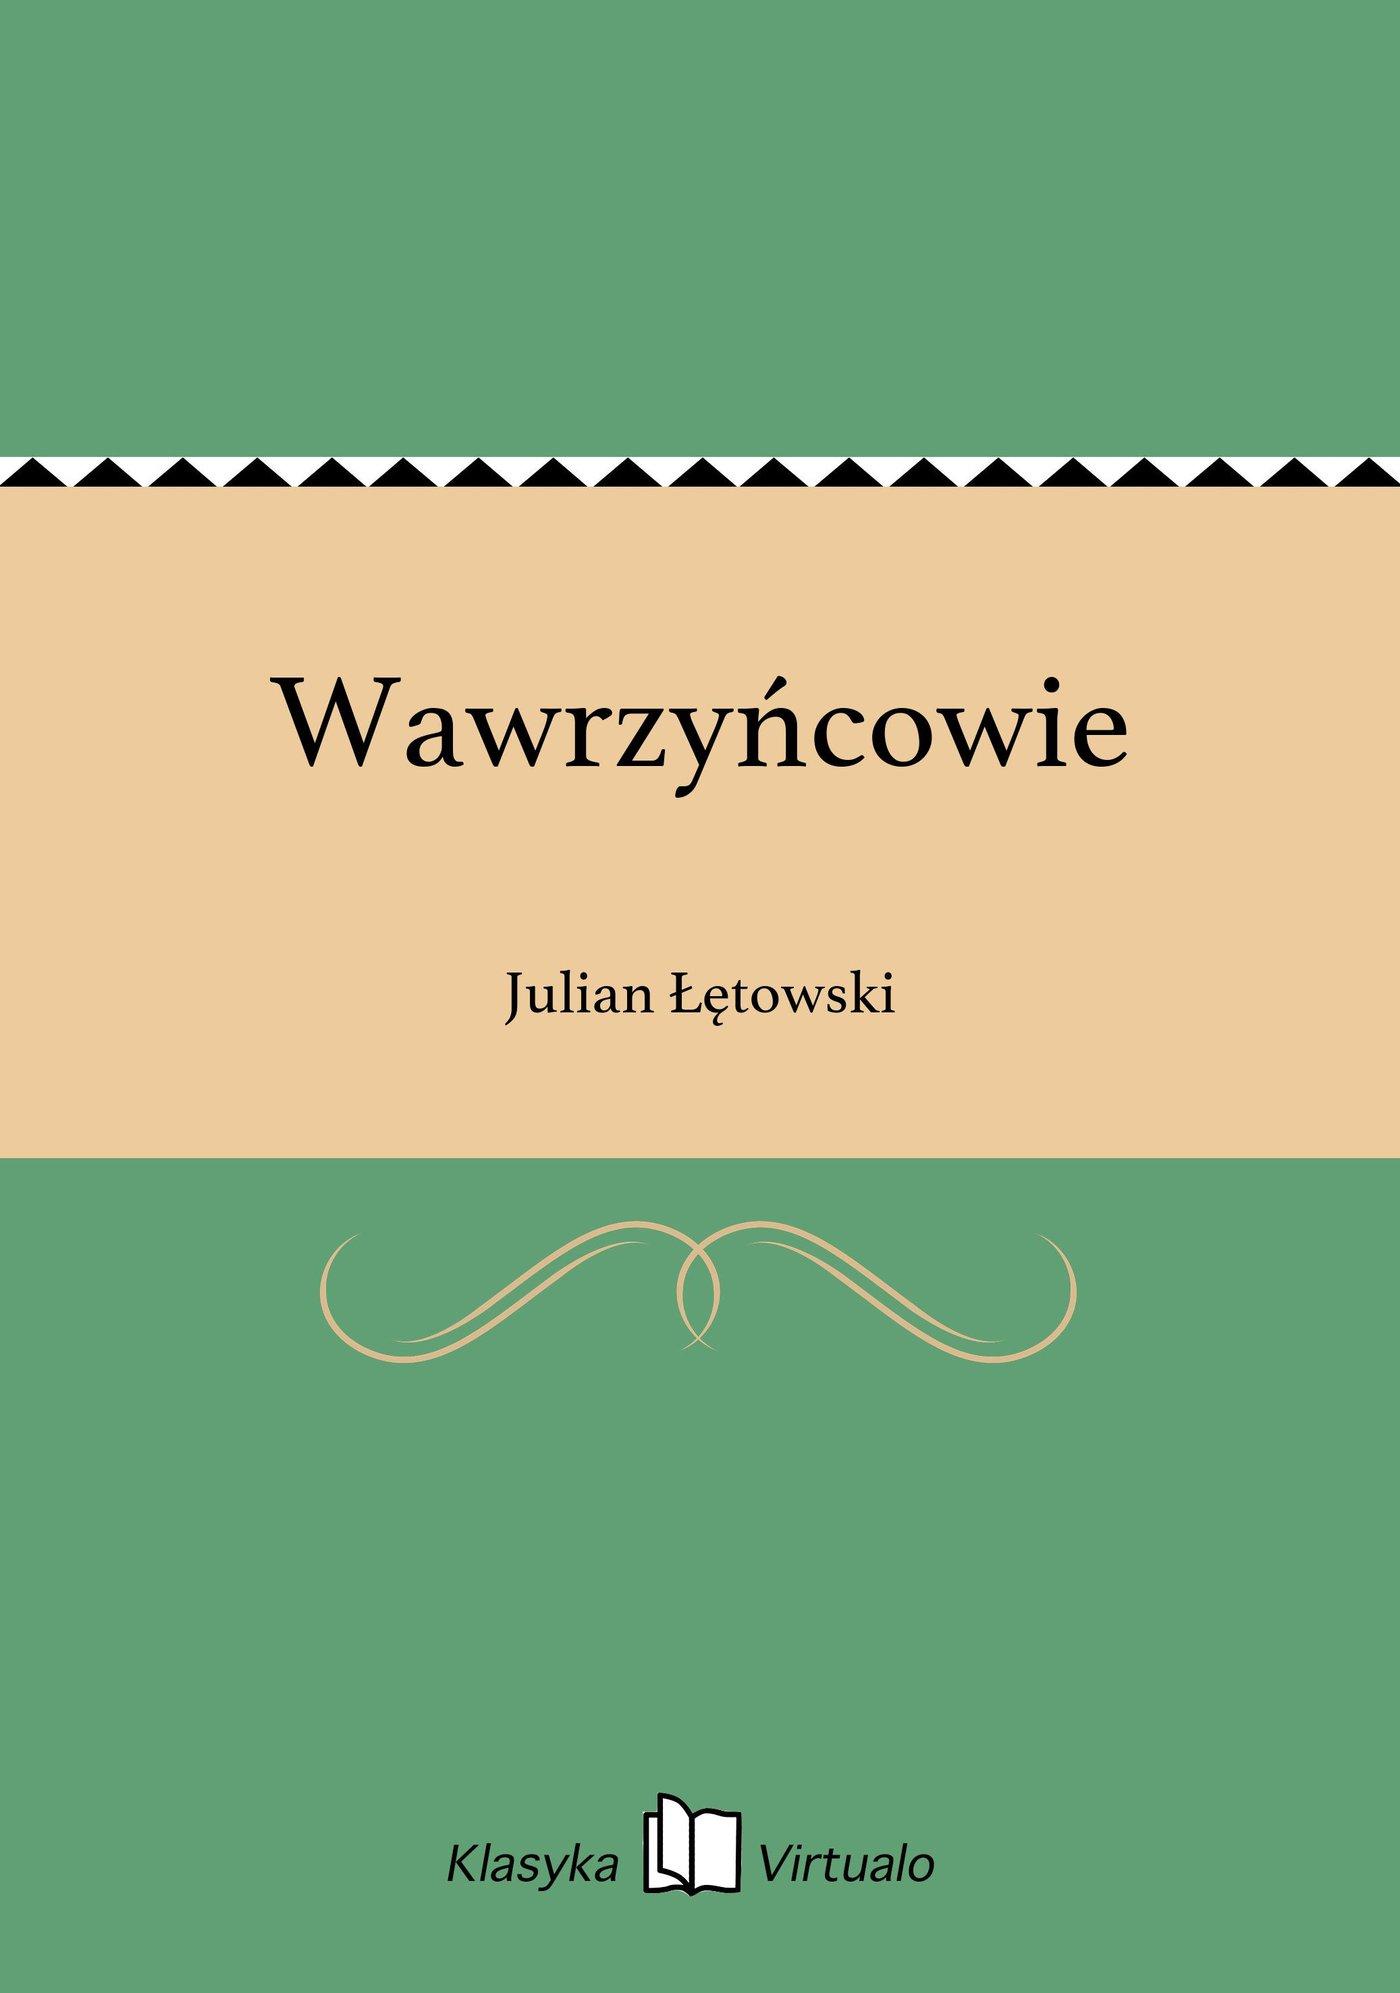 Wawrzyńcowie - Ebook (Książka EPUB) do pobrania w formacie EPUB